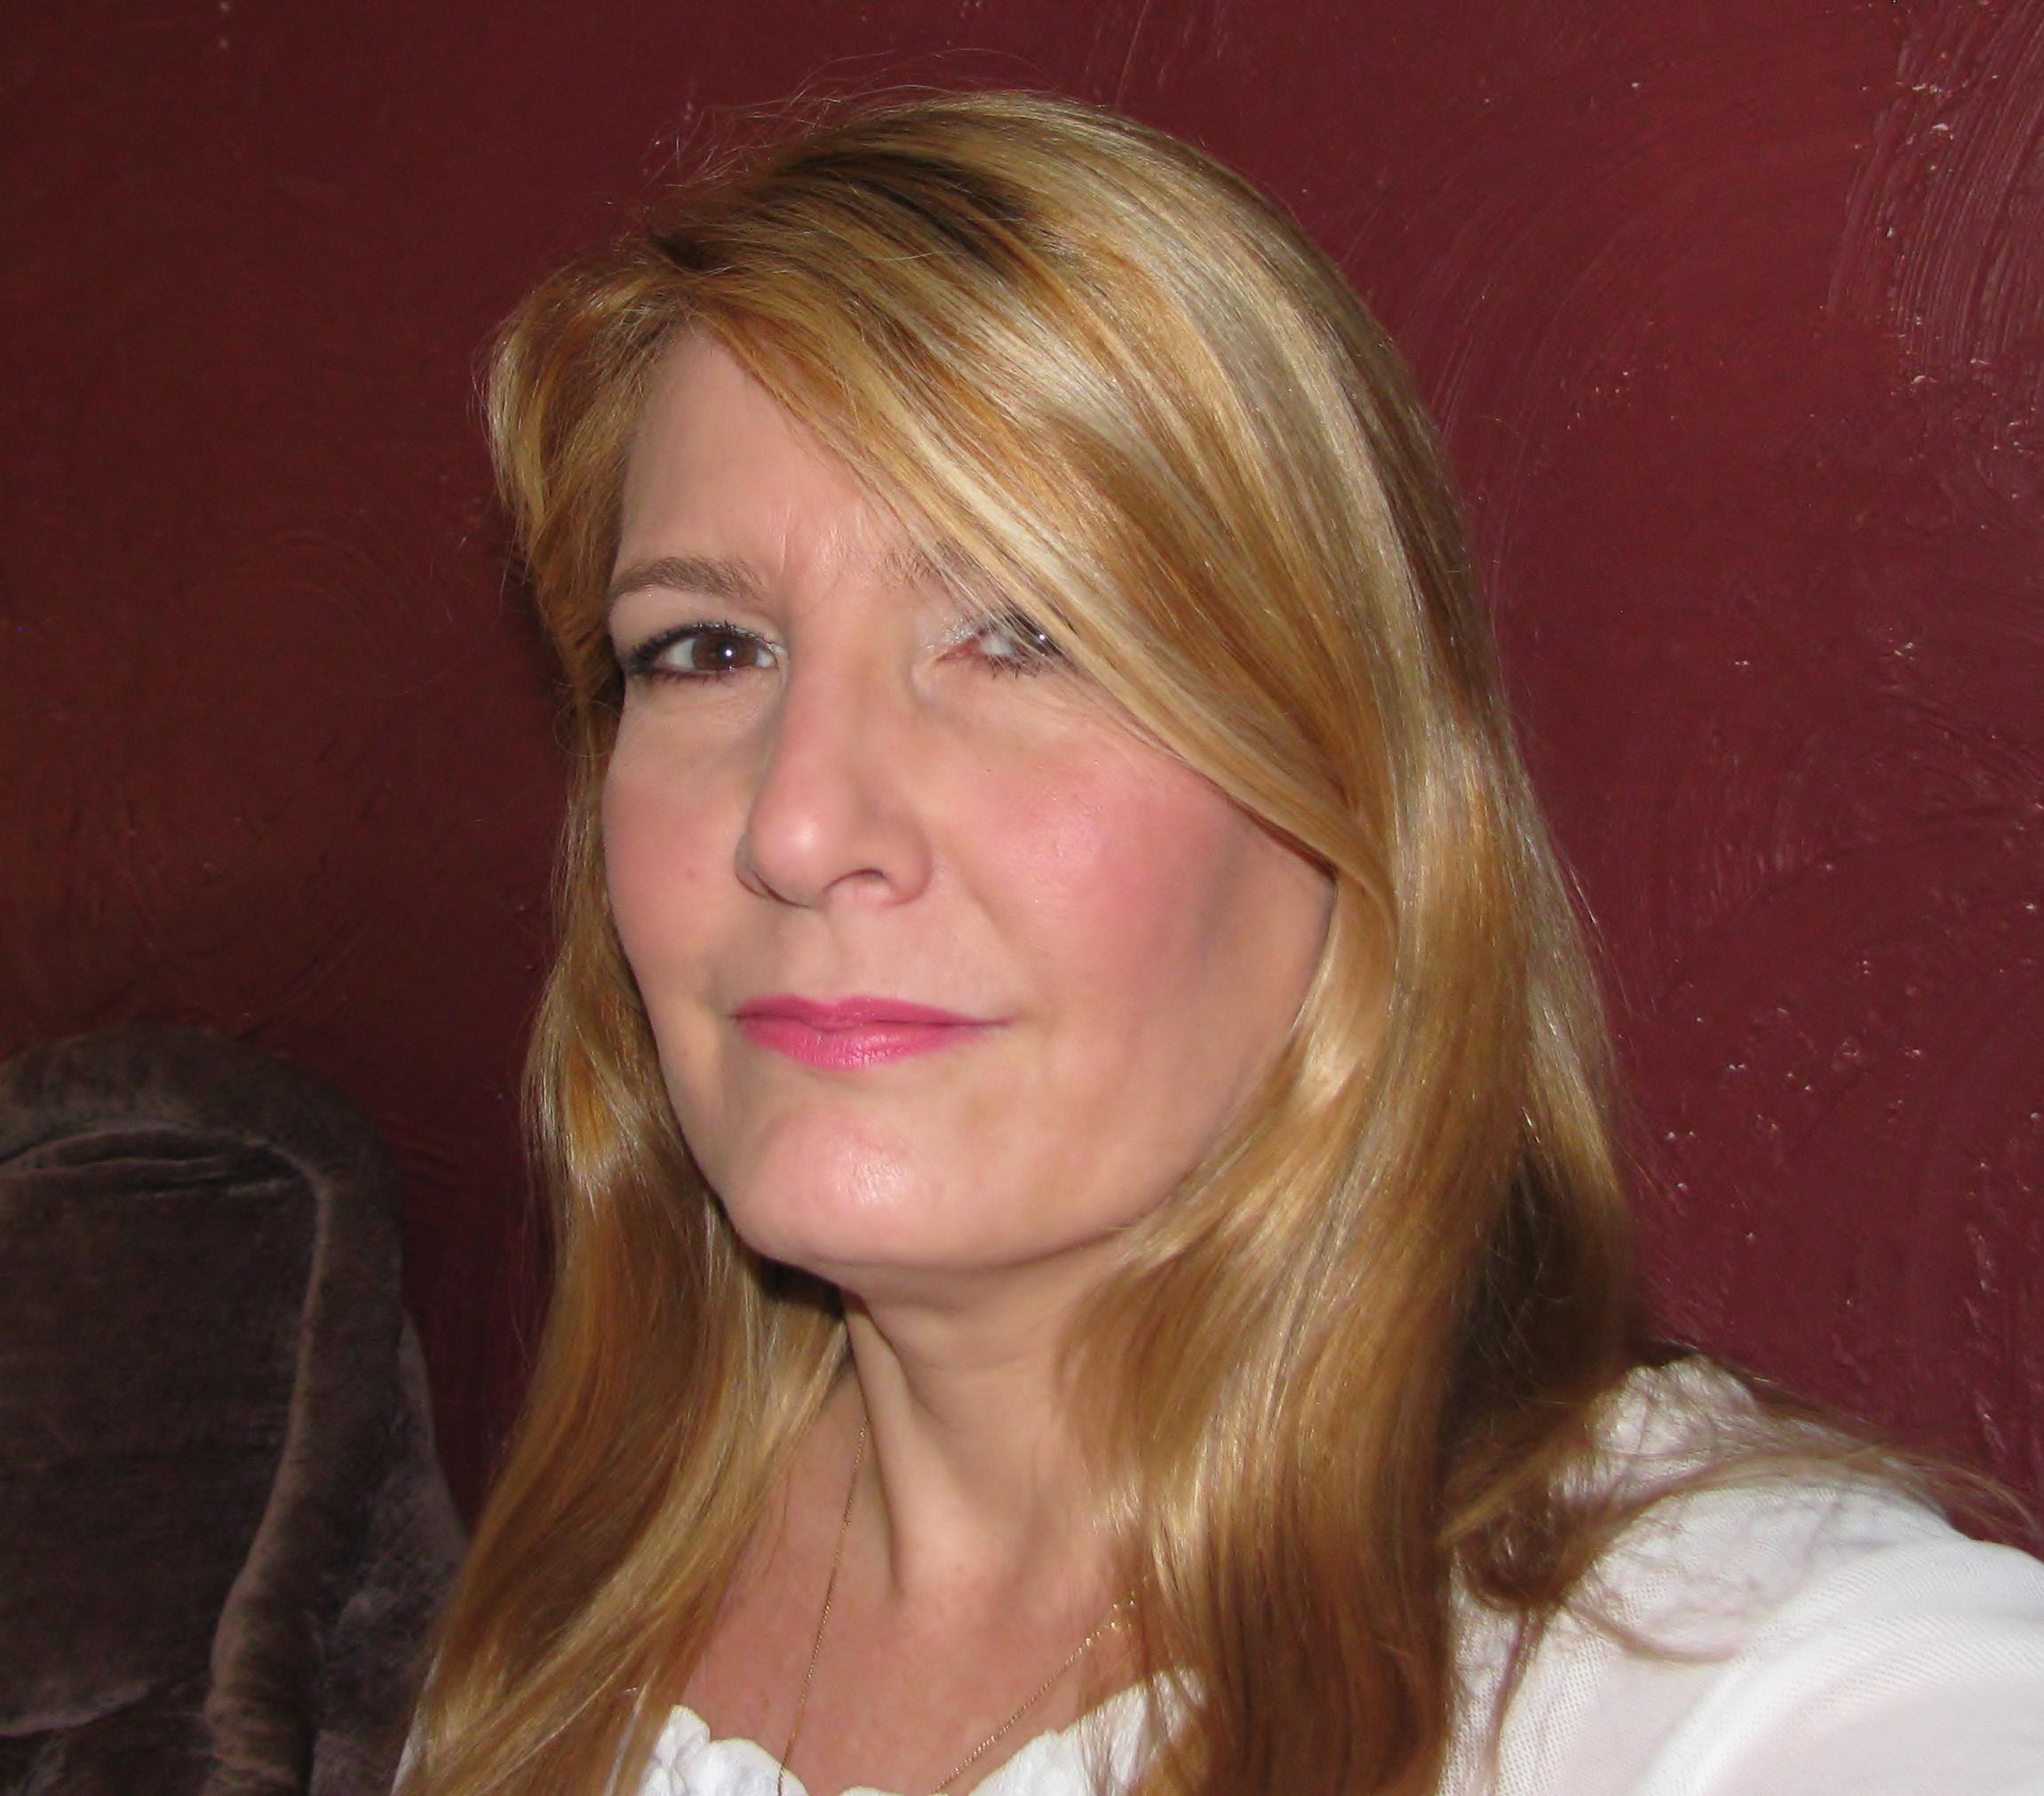 Serenah McKay